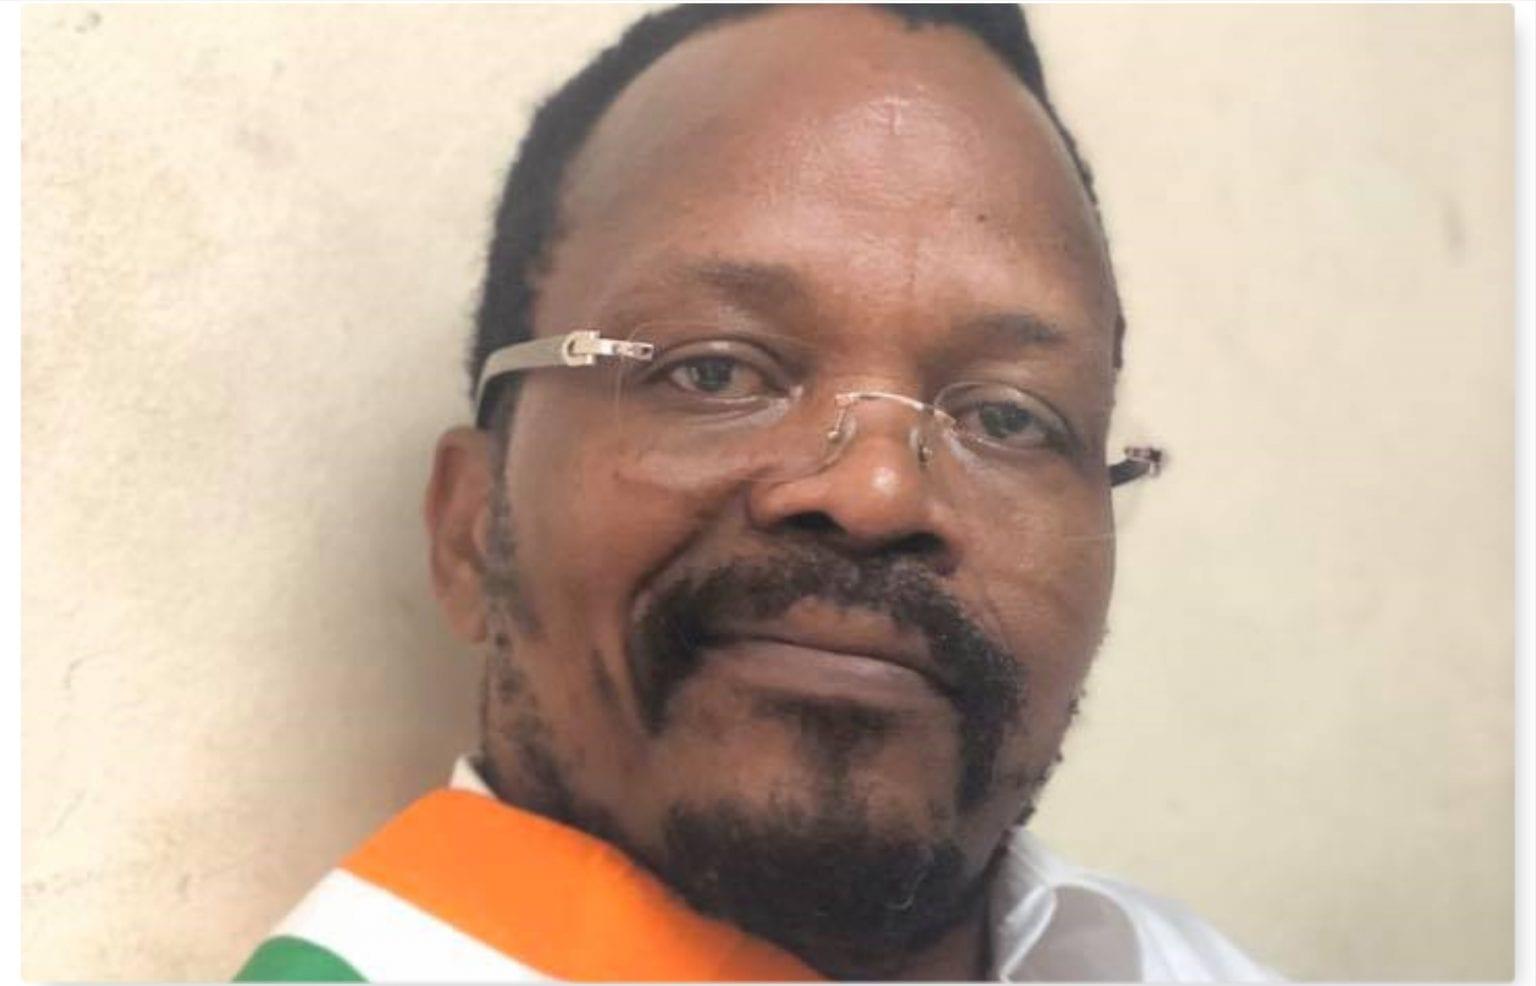 Le nouveau look d'Alain Lobognon, détenu pro-Soro : « je garde la barbe comme l'avaient fait Ekra Mathieu, Dadié… à la prison de Bassam »Le nouveau look d'Alain Lobognon, détenu pro-Soro : « je garde la barbe comme l'avaient fait Ekra Mathieu, Dadié… à la prison de Bassam »